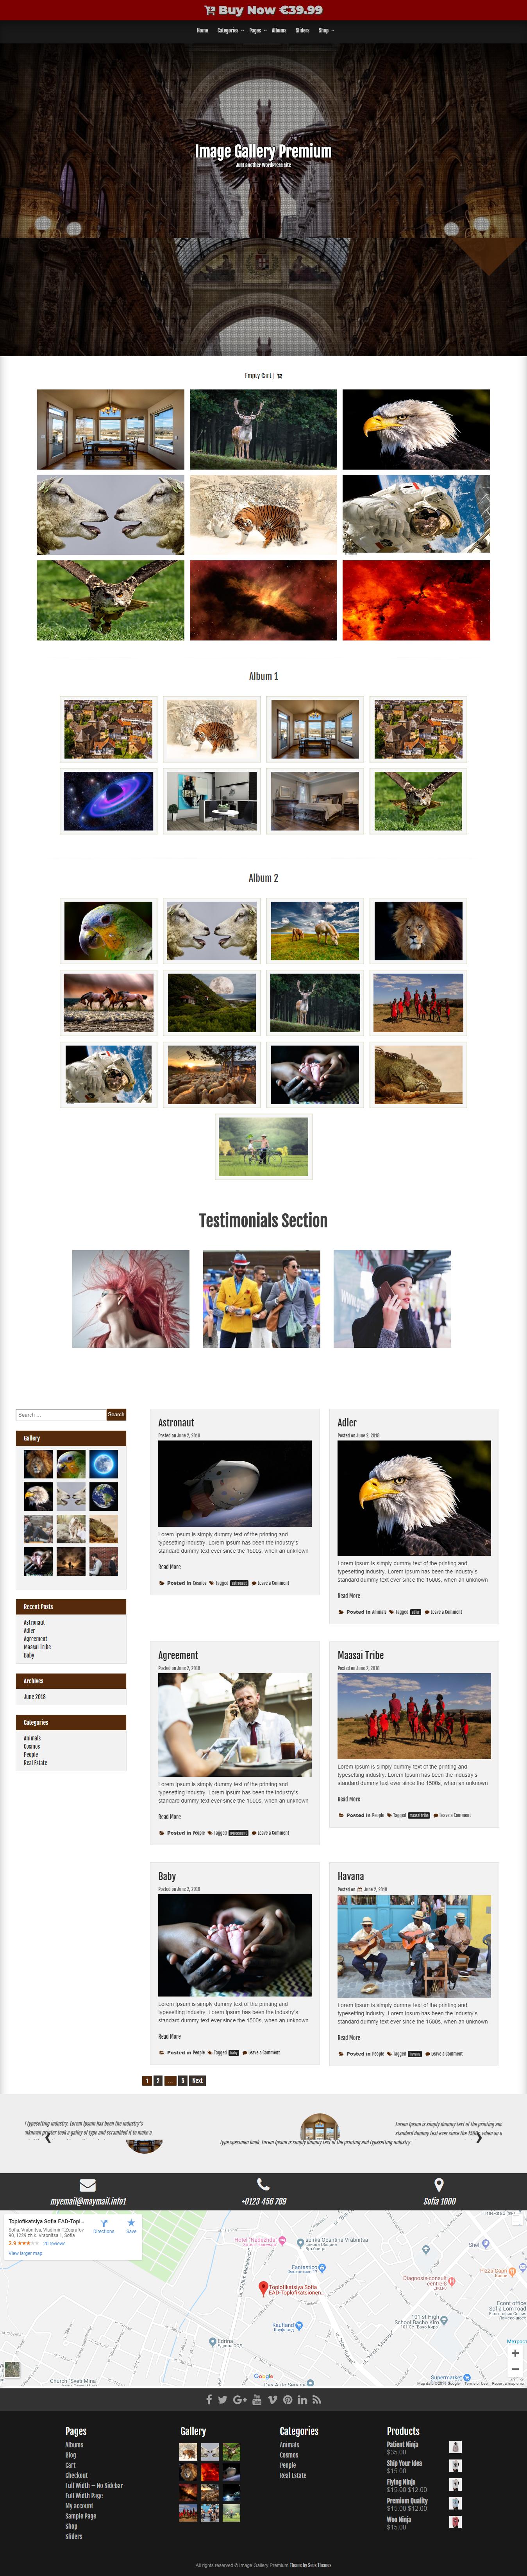 image gallery best free gallery wordpress theme - 10+ Best Free Gallery WordPress Themes